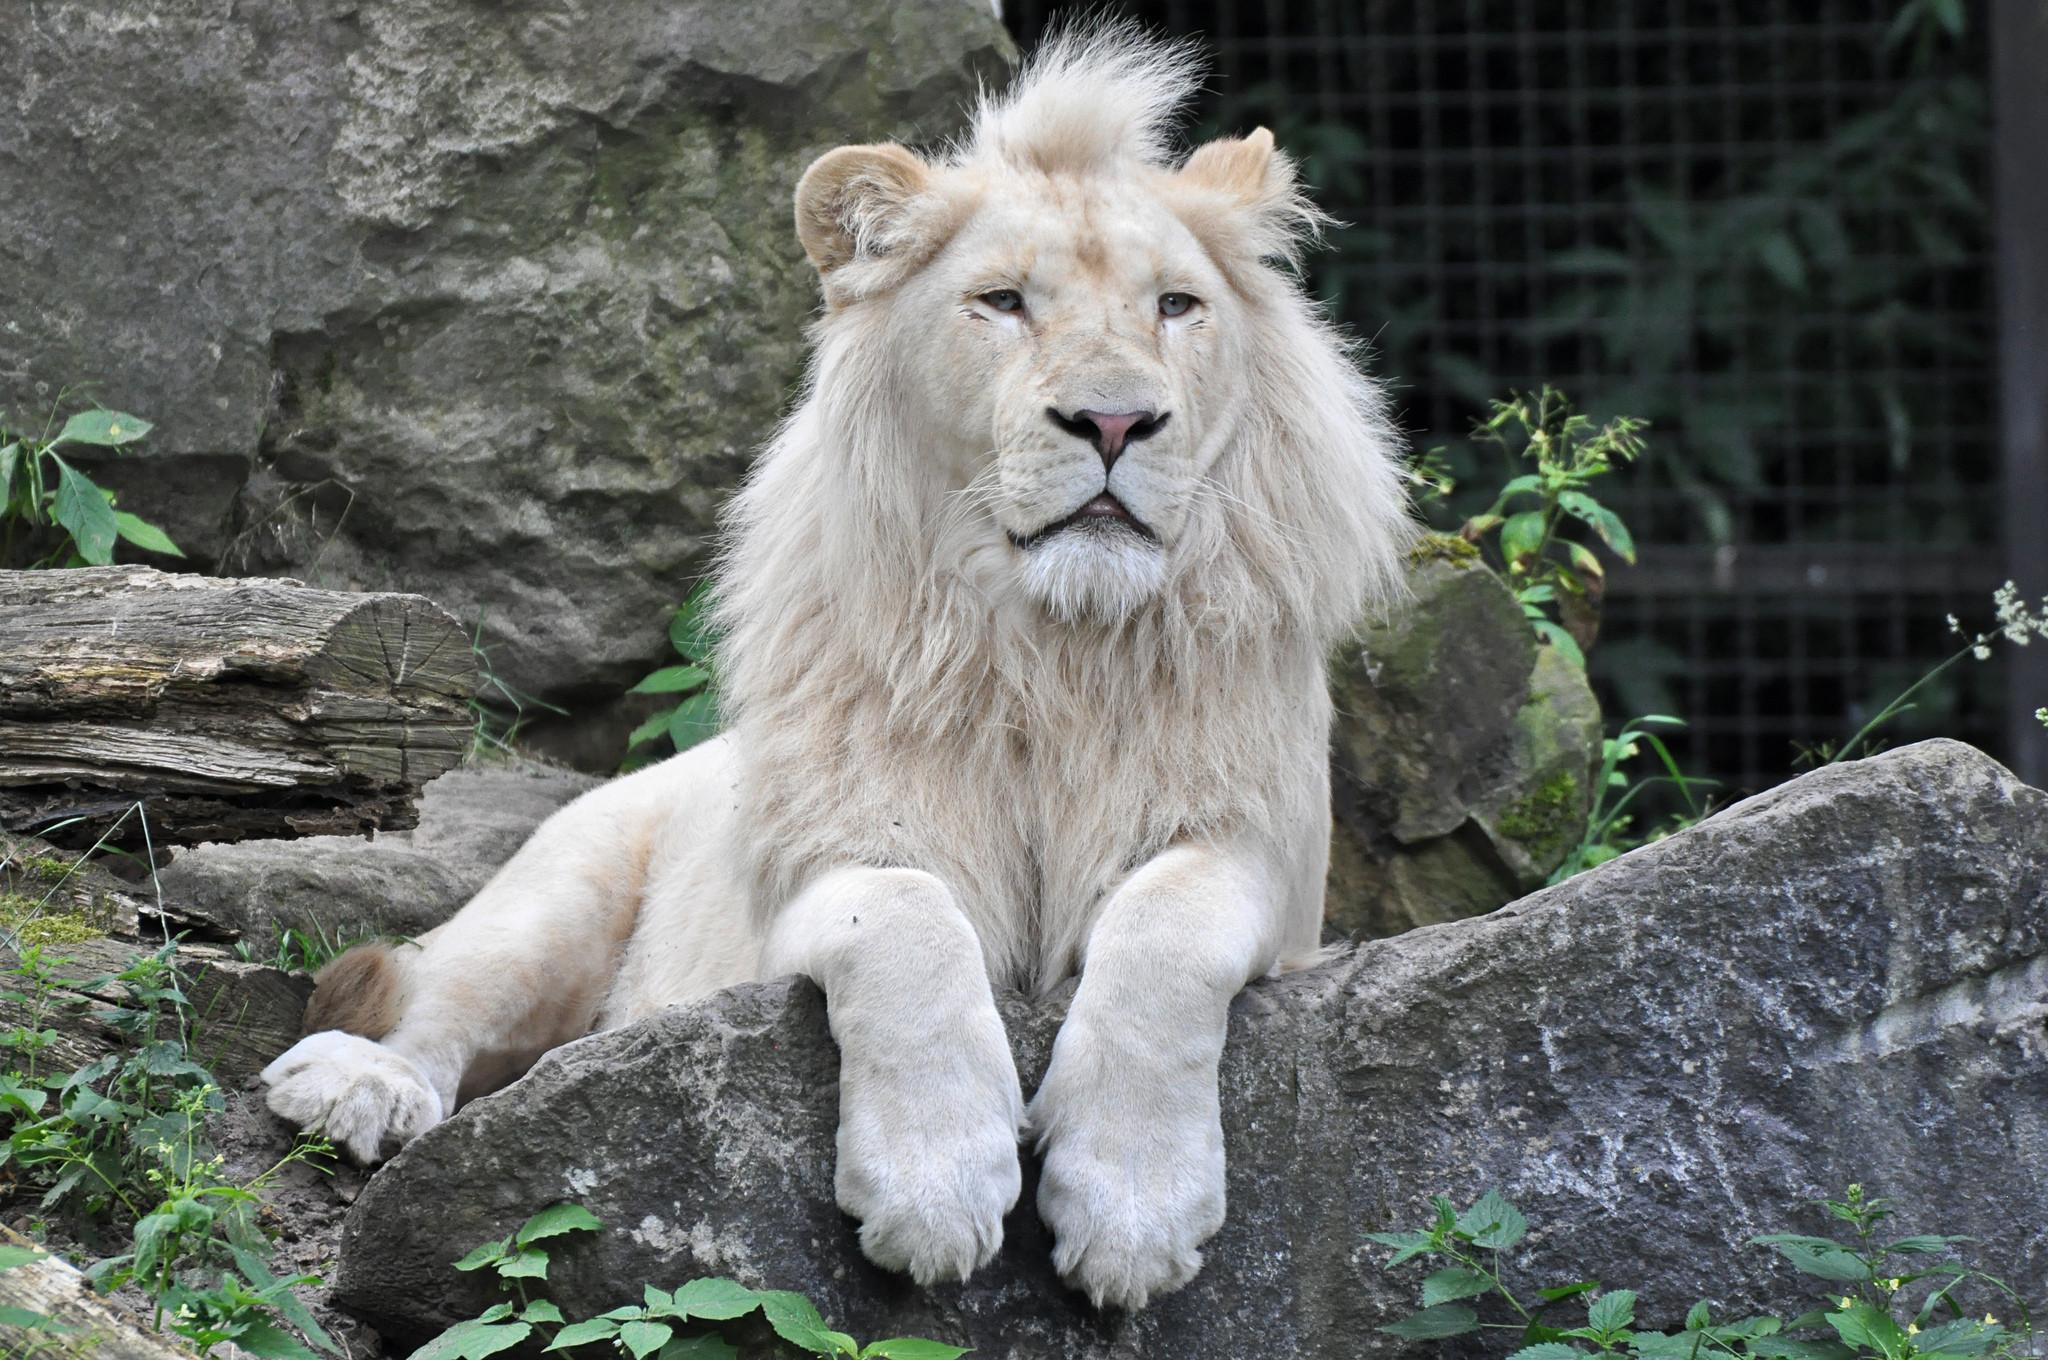 Wallpaper Of White Lion